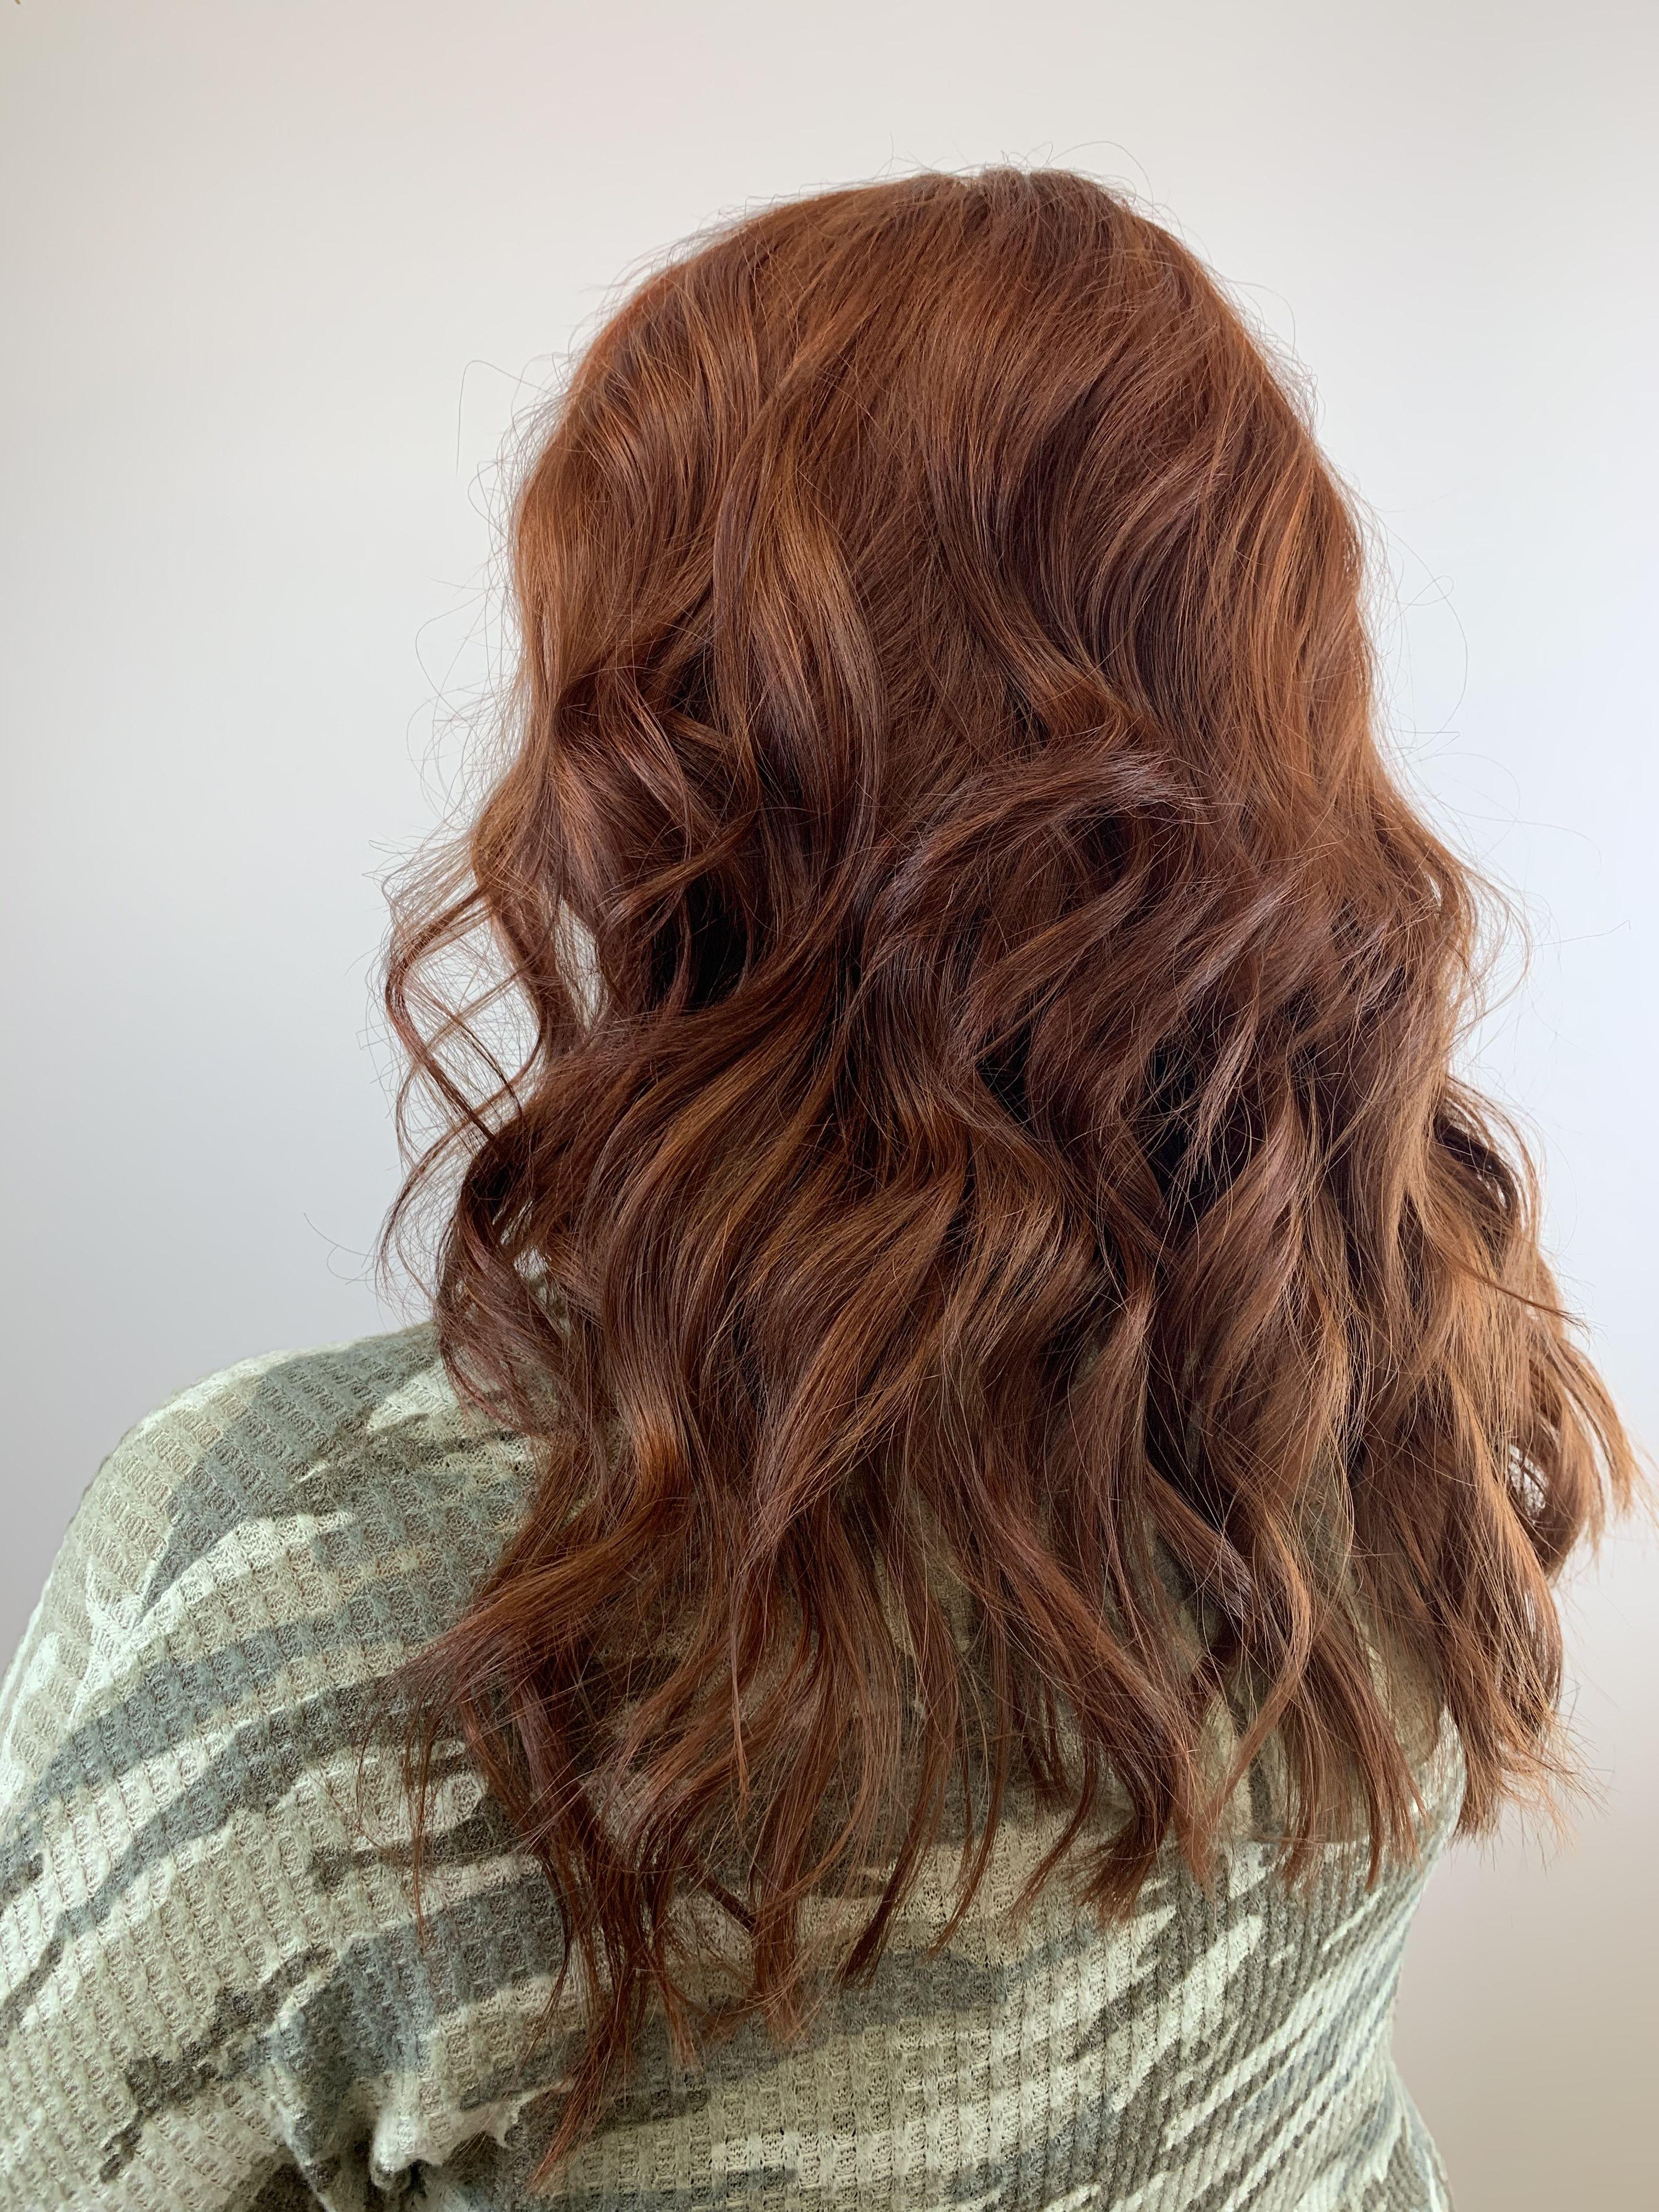 Rich Red Hair Hair Extensions Near Me Organic Hair Salon Organic Hair